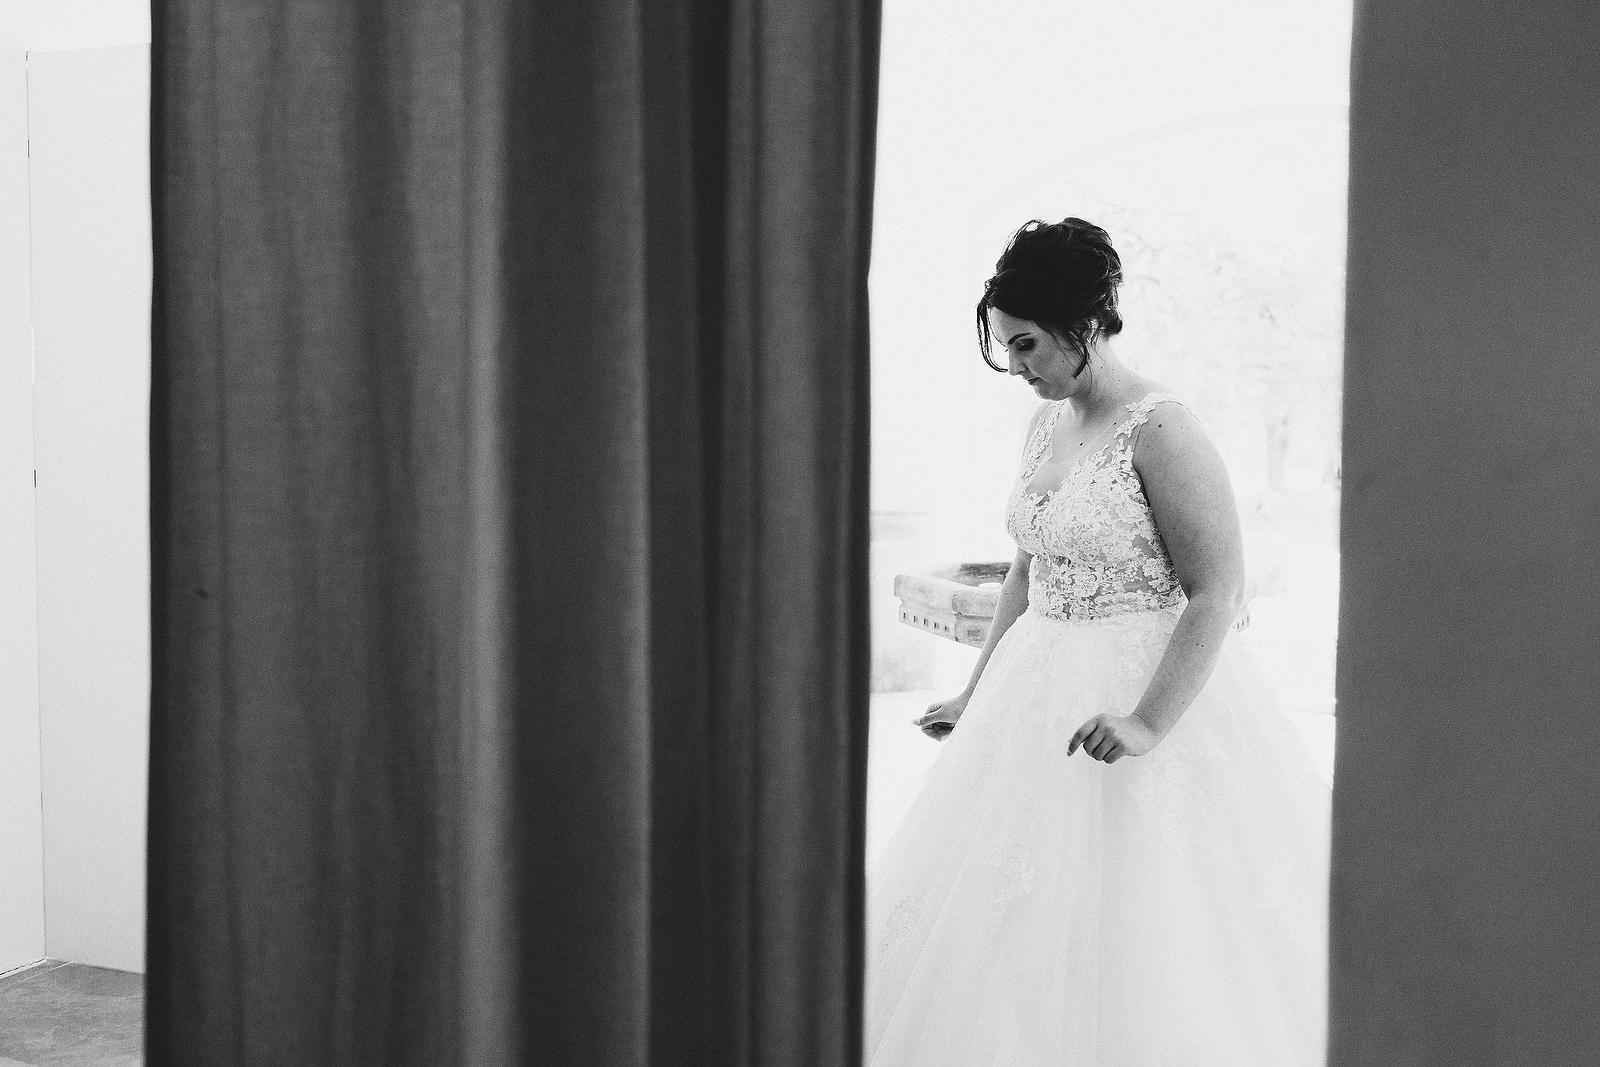 Referenz_Hochzeit_Kollektiv_EIS-10.JPG